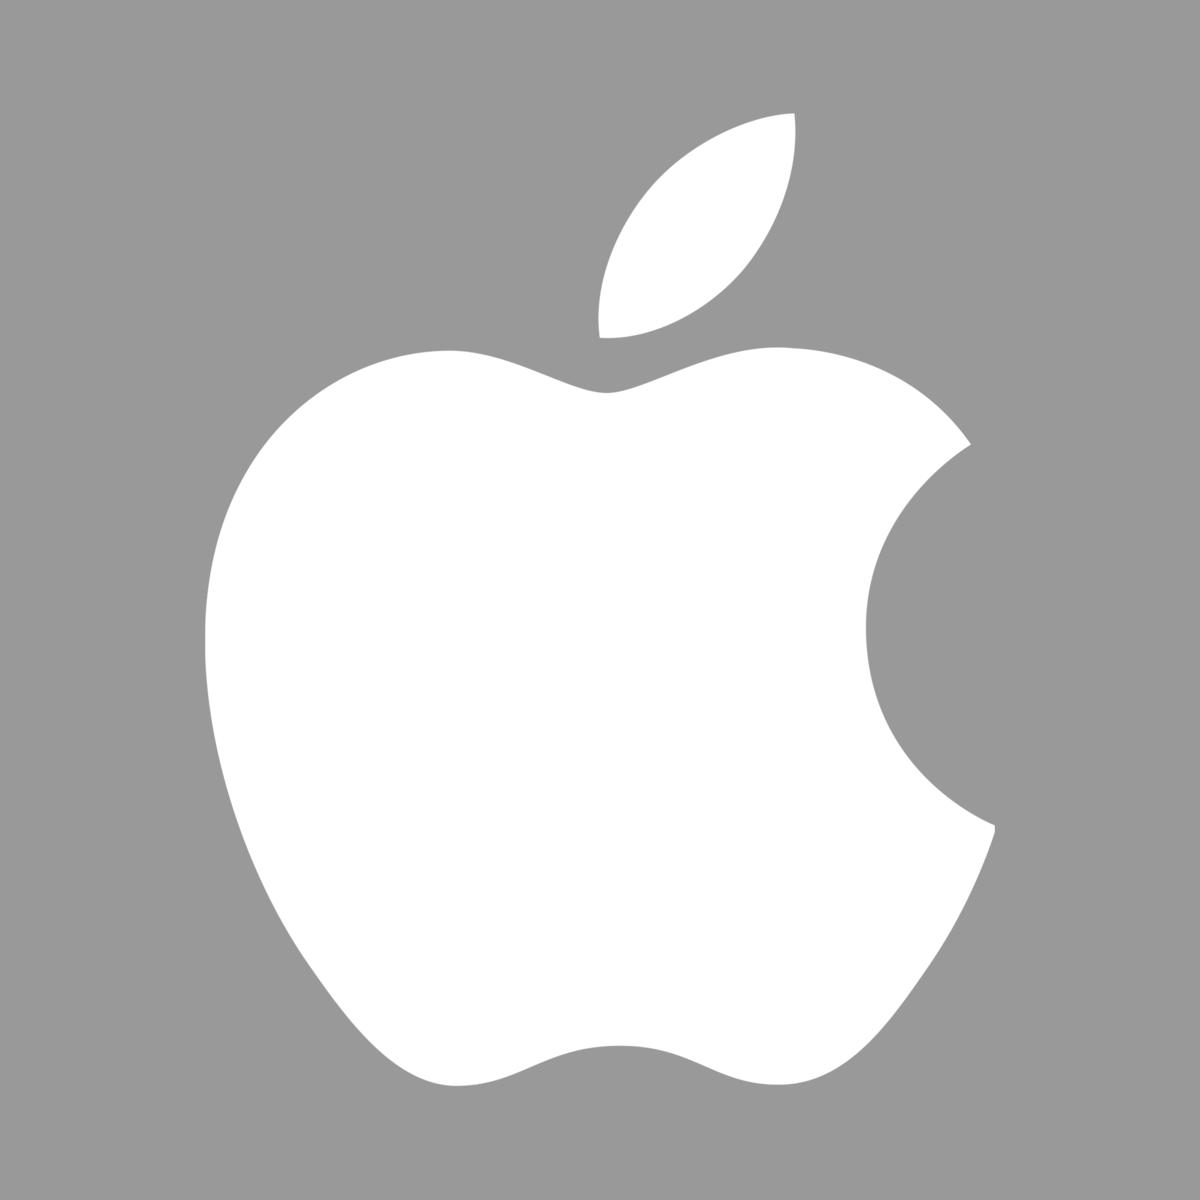 Solusi mengatasi iPhone yang tidak bisa menyala